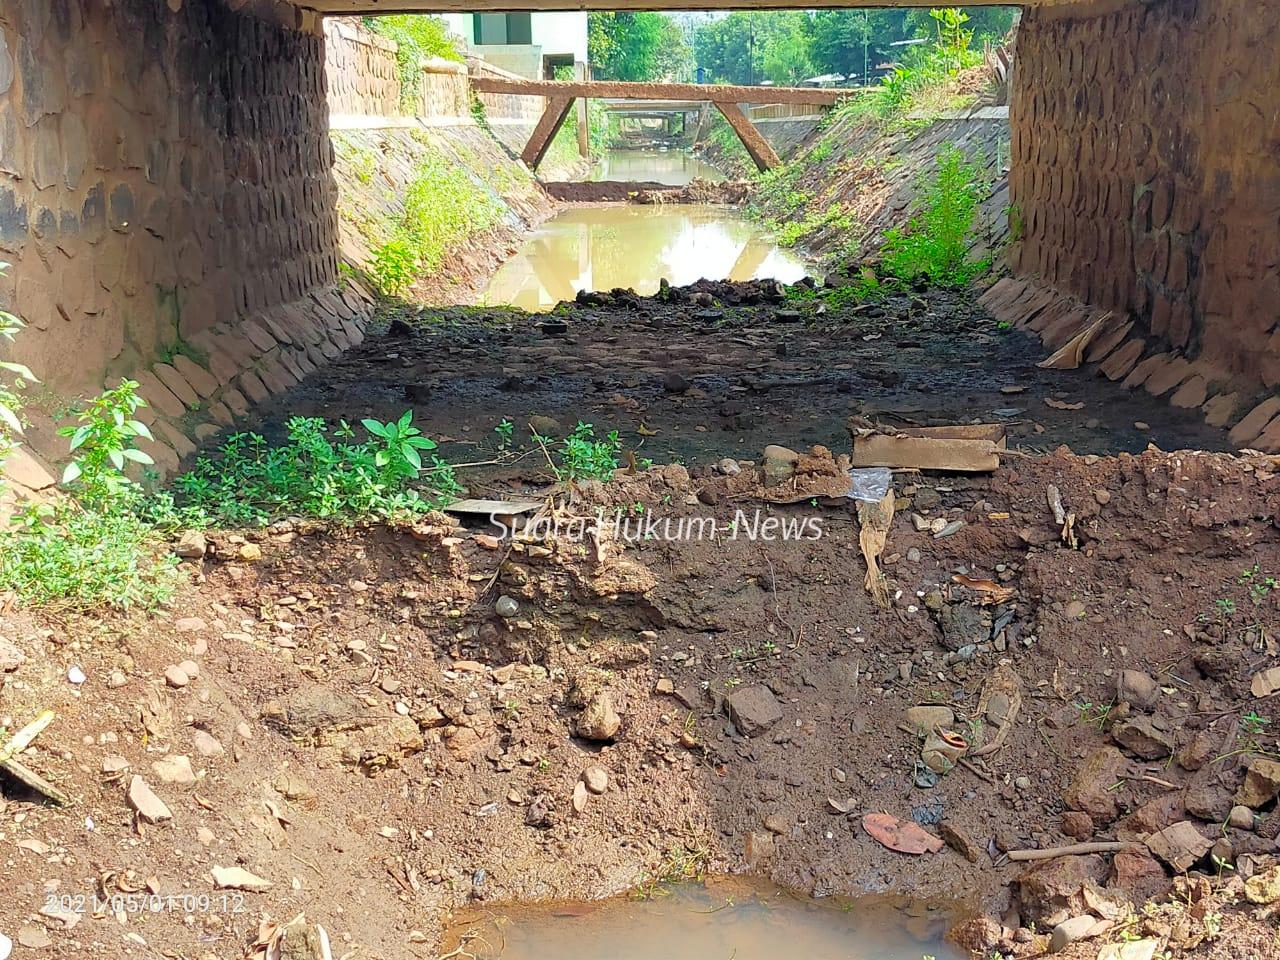 Normalisasi Saluran Irigasi Waduk Seloromo, Diduga di Kerjakan oleh Penyedia Jasa Kontruksi dengan Asal Jadi